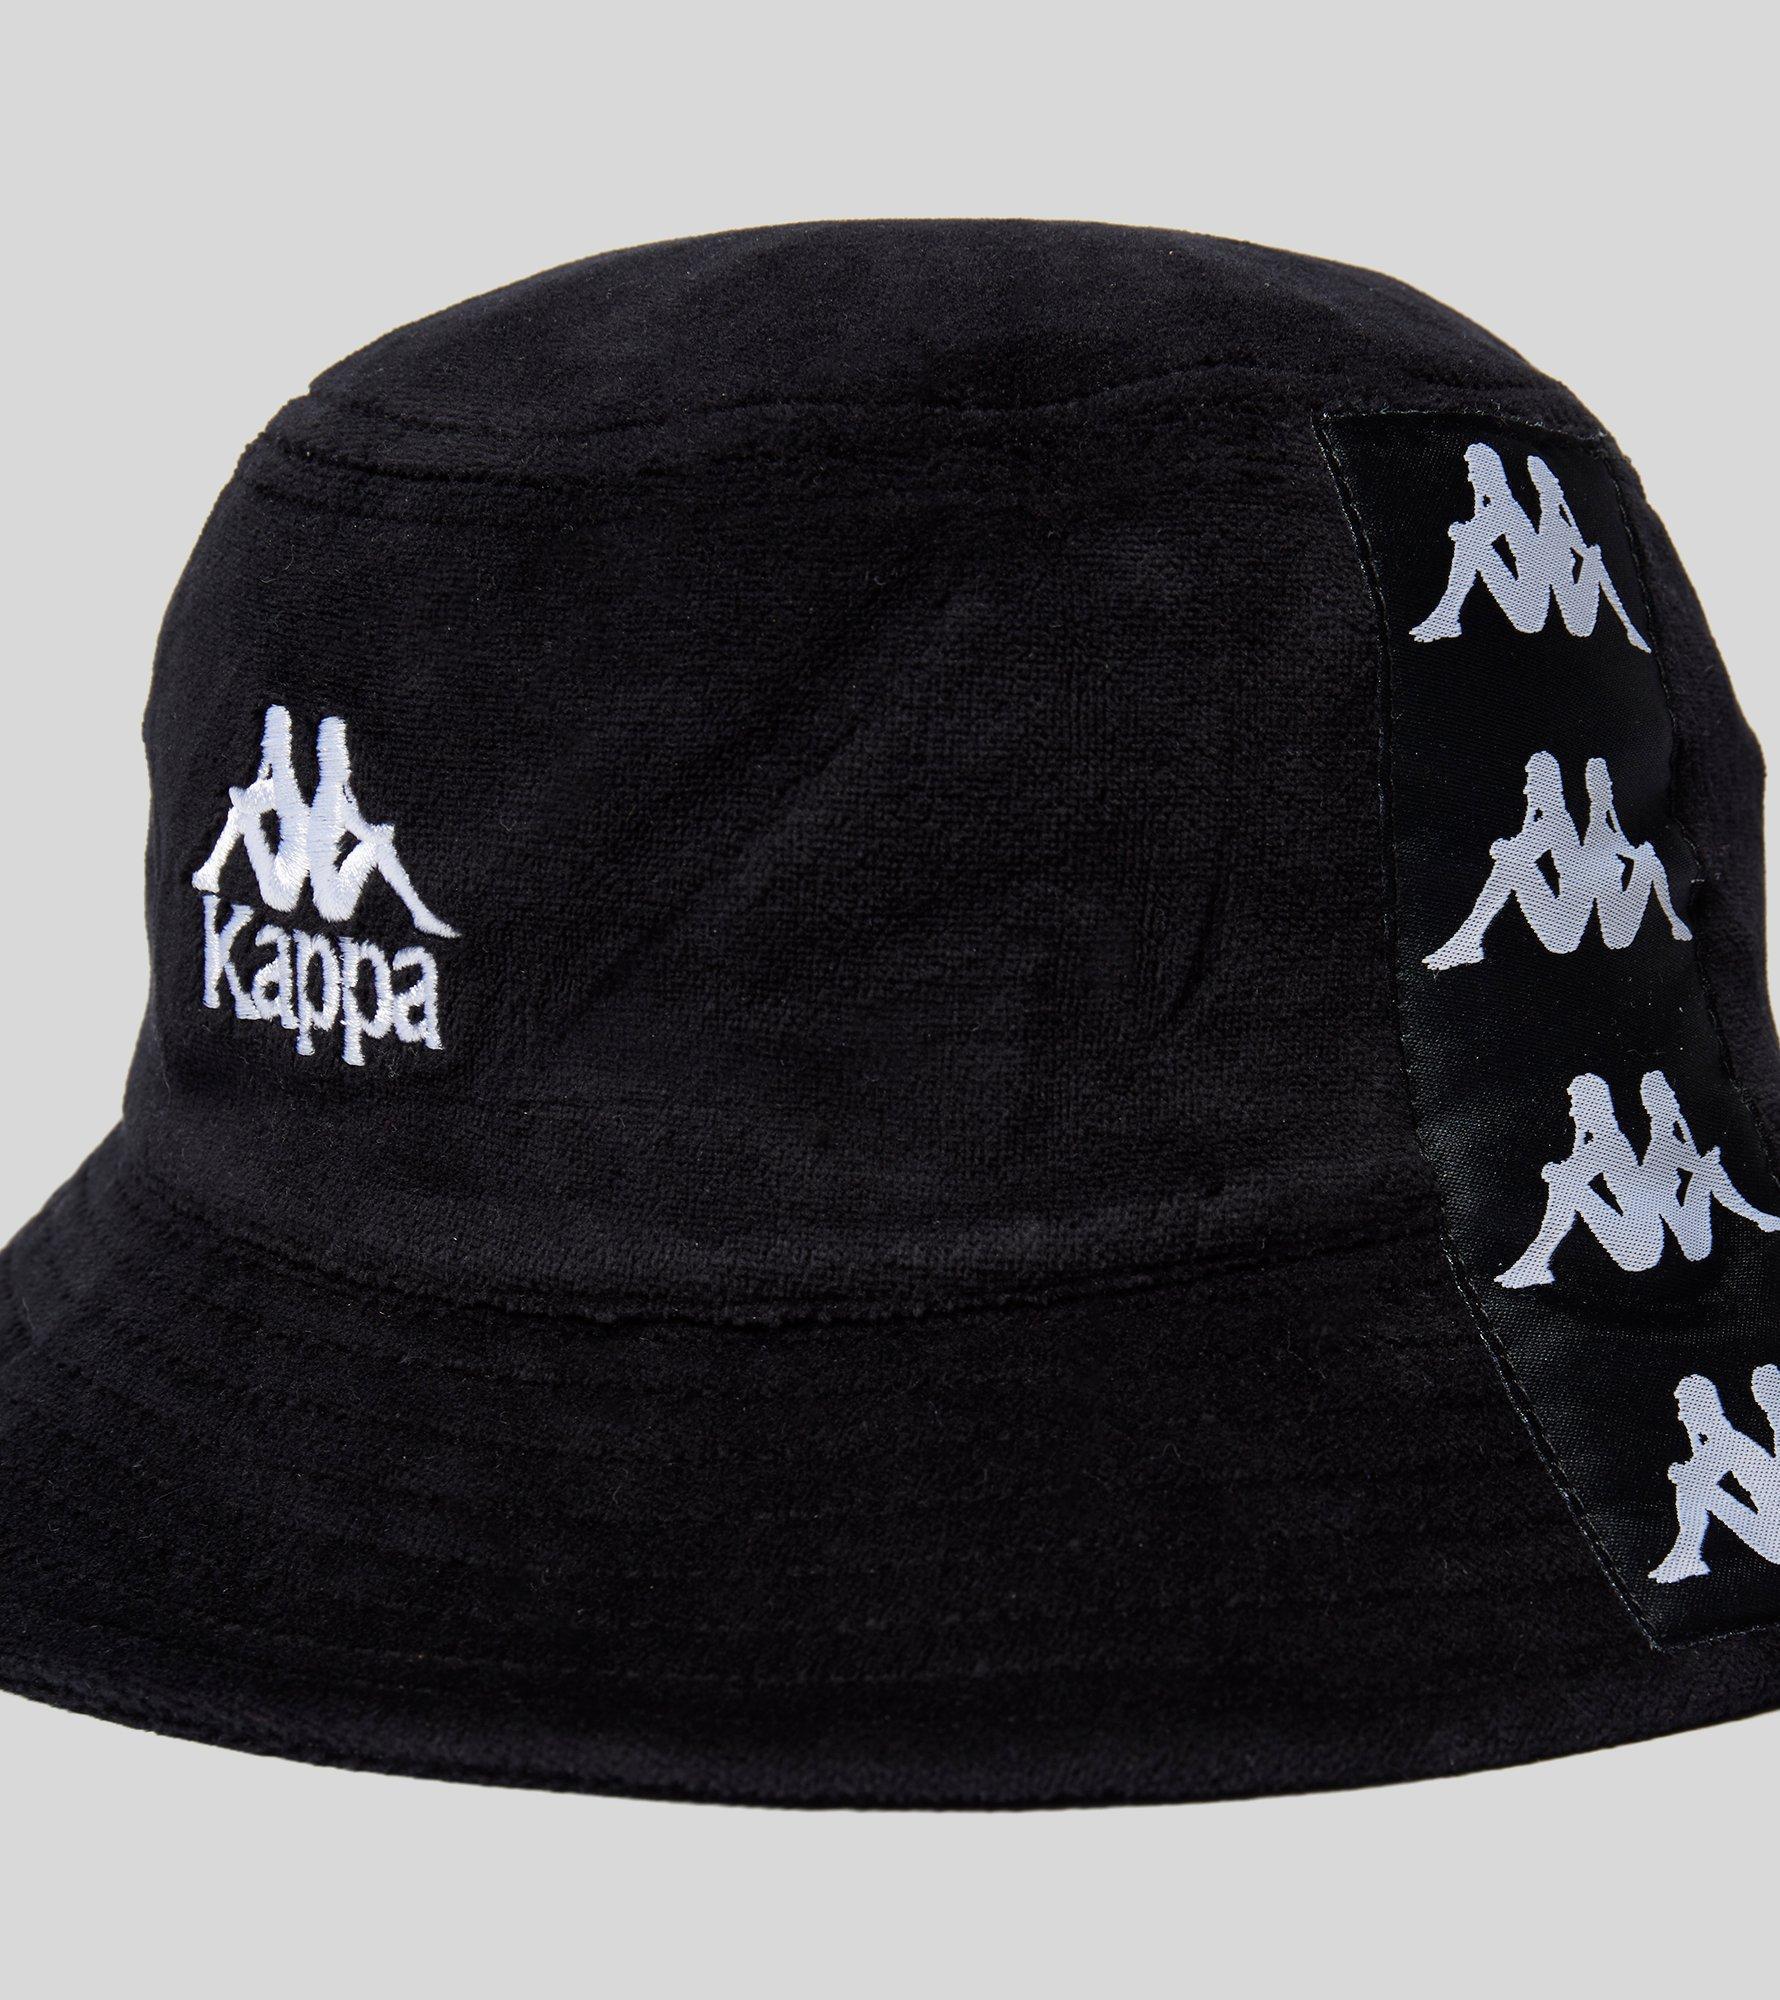 Kappa Ayumen Bucket Hat in Black for Men - Lyst a9b8cde421f8